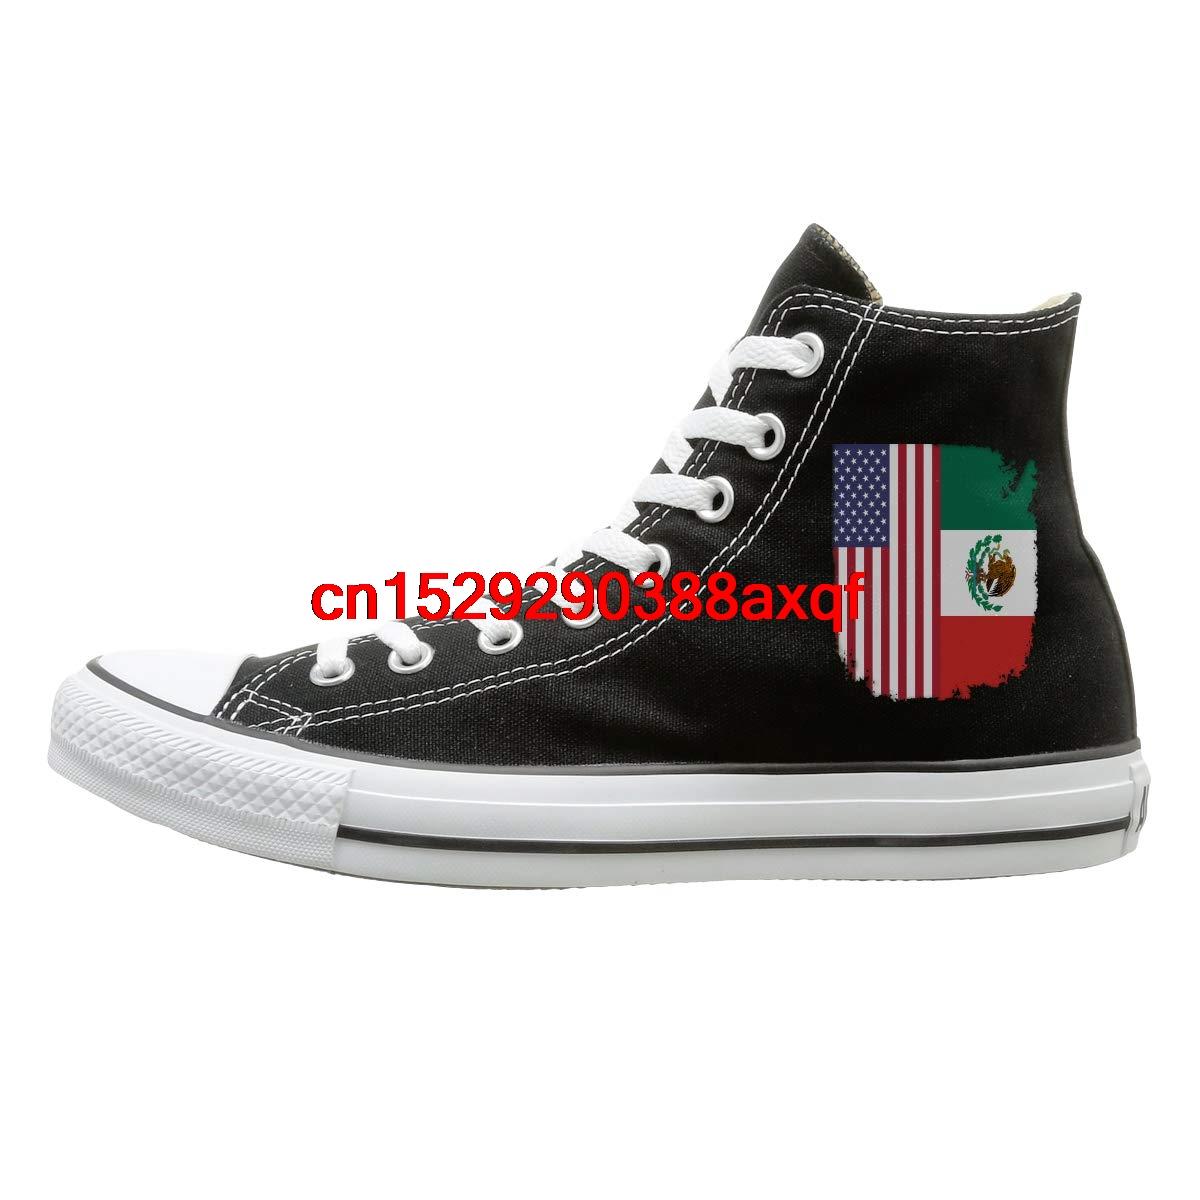 Classic Unique Low top Skateboard Mens Canvas Shoes-Elegant Cactus Charm Style Sport Shoes Sneakers